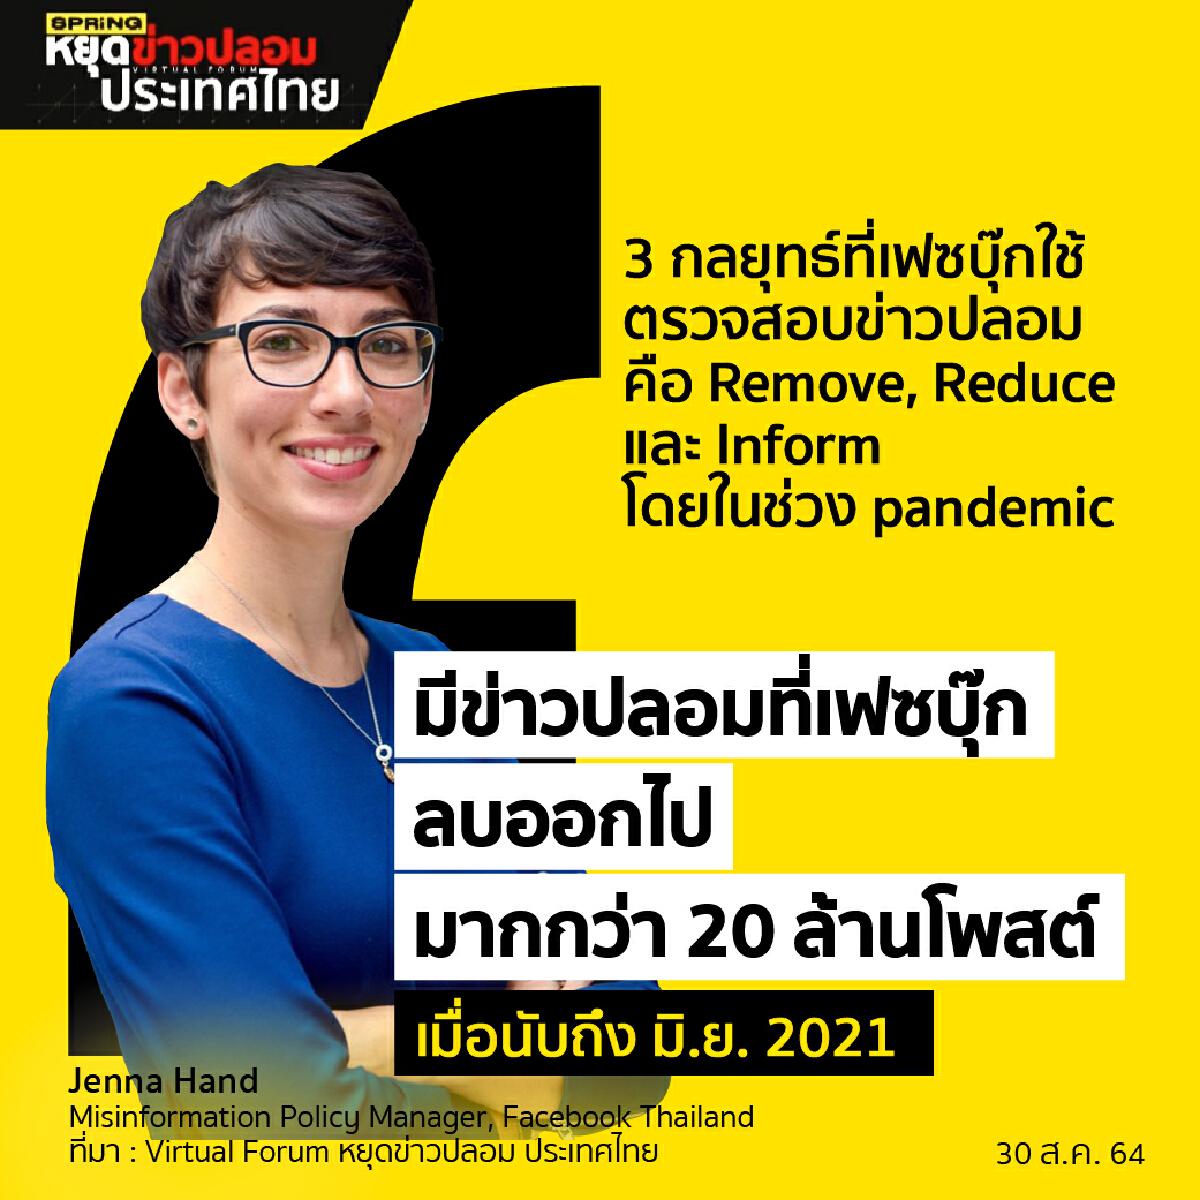 หยุดข่าวปลอม ประเทศไทย Facebook Thailand